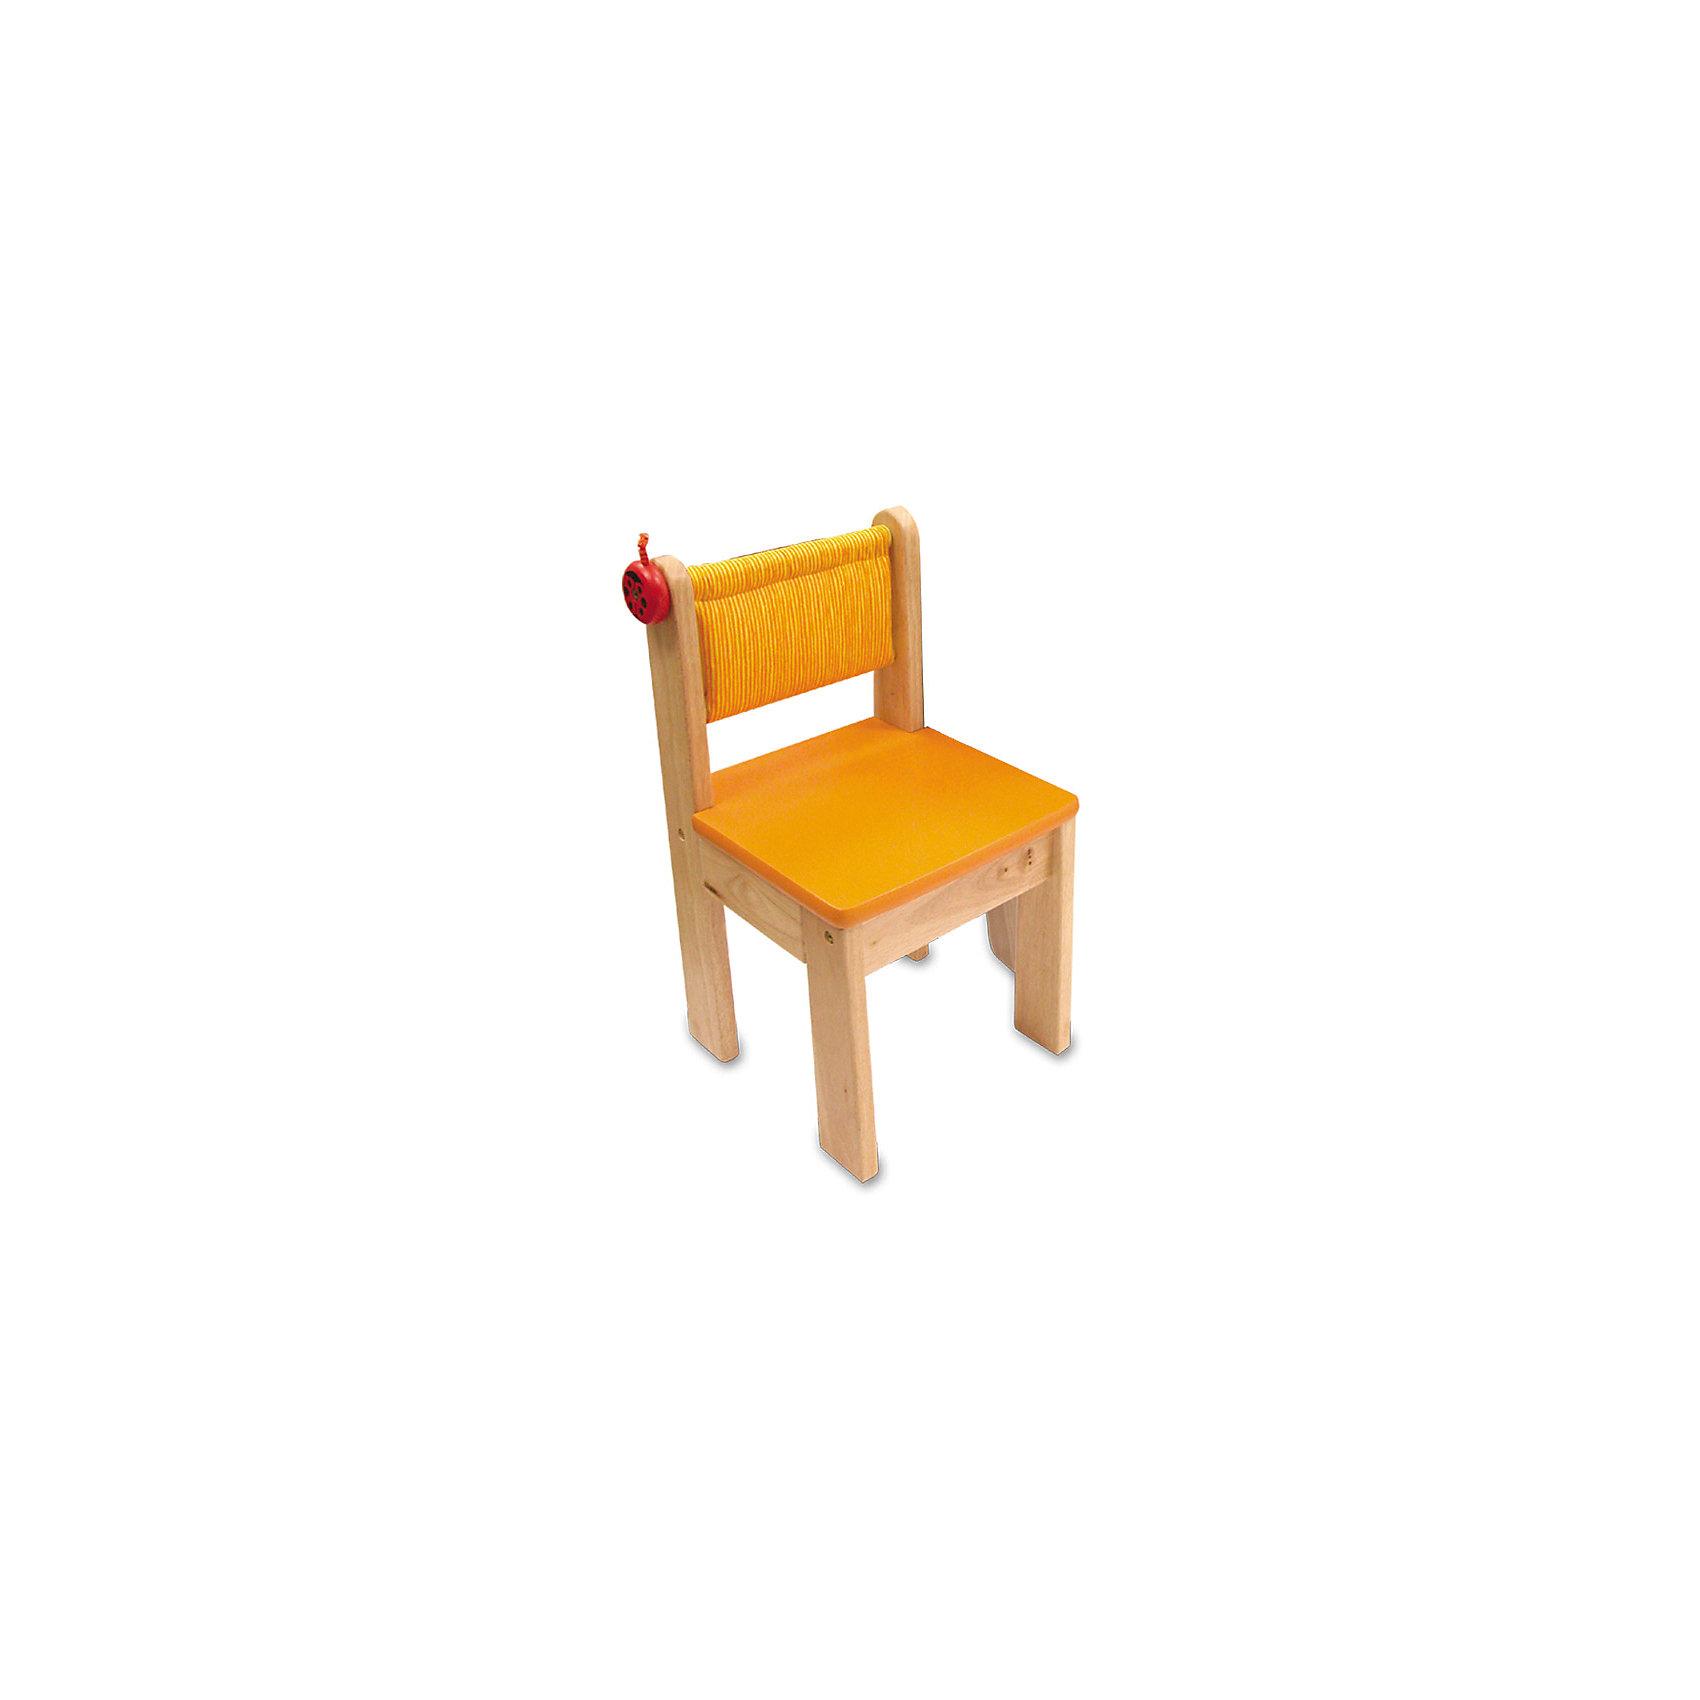 Стульчик, Im Toy, оранжевыйДетские столы и стулья<br>Стульчик, Im Toy, оранжевый.<br><br>Характеристики:<br><br>• Для детей в возрасте: от 3 до 6 лет<br>• Материал: древесина, текстиль<br>• Цвет: оранжевый<br>• Размеры сидения: 31 x 31 см.<br>• Высота сидения от пола: 30 см.<br>• Высота спинки: 56 см.<br>• Размер стульчика: 31 x 31 x 56 см.<br>• Размер упаковки: 32 x 8 x 58 см.<br>• Вес: 3,7 кг.<br><br>Удобный и функциональный стульчик классического дизайна замечательно подойдёт для занятий за детским столиком. У стульчика удобная спинка, устойчивая конструкция, широкие ножки и безопасные закруглённые углы. Спинка стульчика обтянута тканевым чехлом с мягкой набивкой (набивка синтетическое волокно), задняя часть чехла имеет удобный вместительный кармашек для хранения мелких предметов. При необходимости чехол легко снимается. Сбоку стульчика расположен крючок в виде забавной божьей коровки. Стульчик изготовлен из ценных пород древесины, окрашен безопасными красками.<br><br>Стульчик, Im Toy, оранжевый можно купить в нашем интернет-магазине.<br><br>Ширина мм: 31<br>Глубина мм: 31<br>Высота мм: 56<br>Вес г: 3700<br>Возраст от месяцев: 36<br>Возраст до месяцев: 72<br>Пол: Унисекс<br>Возраст: Детский<br>SKU: 5543468